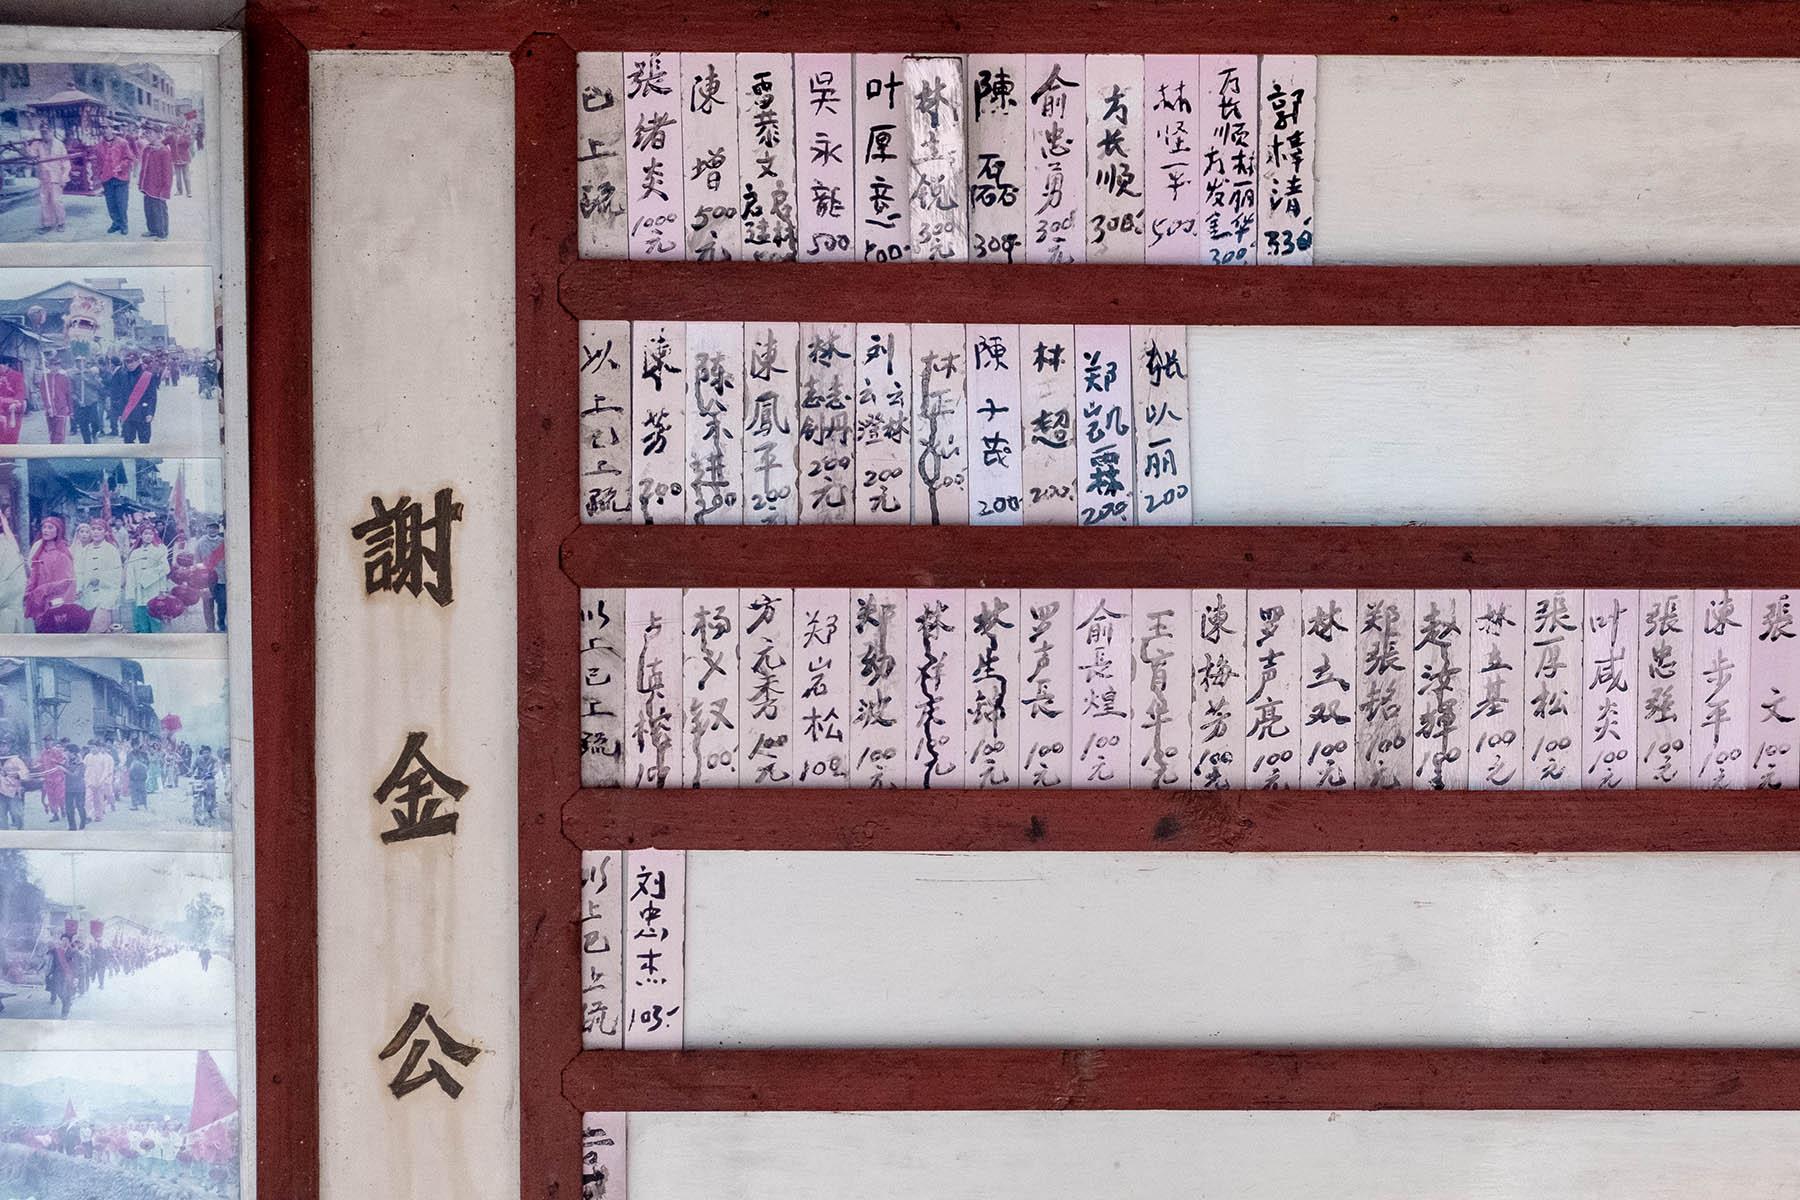 Spendentafel in einem Buddhistischen Tempel in Songkou in Fujian, China